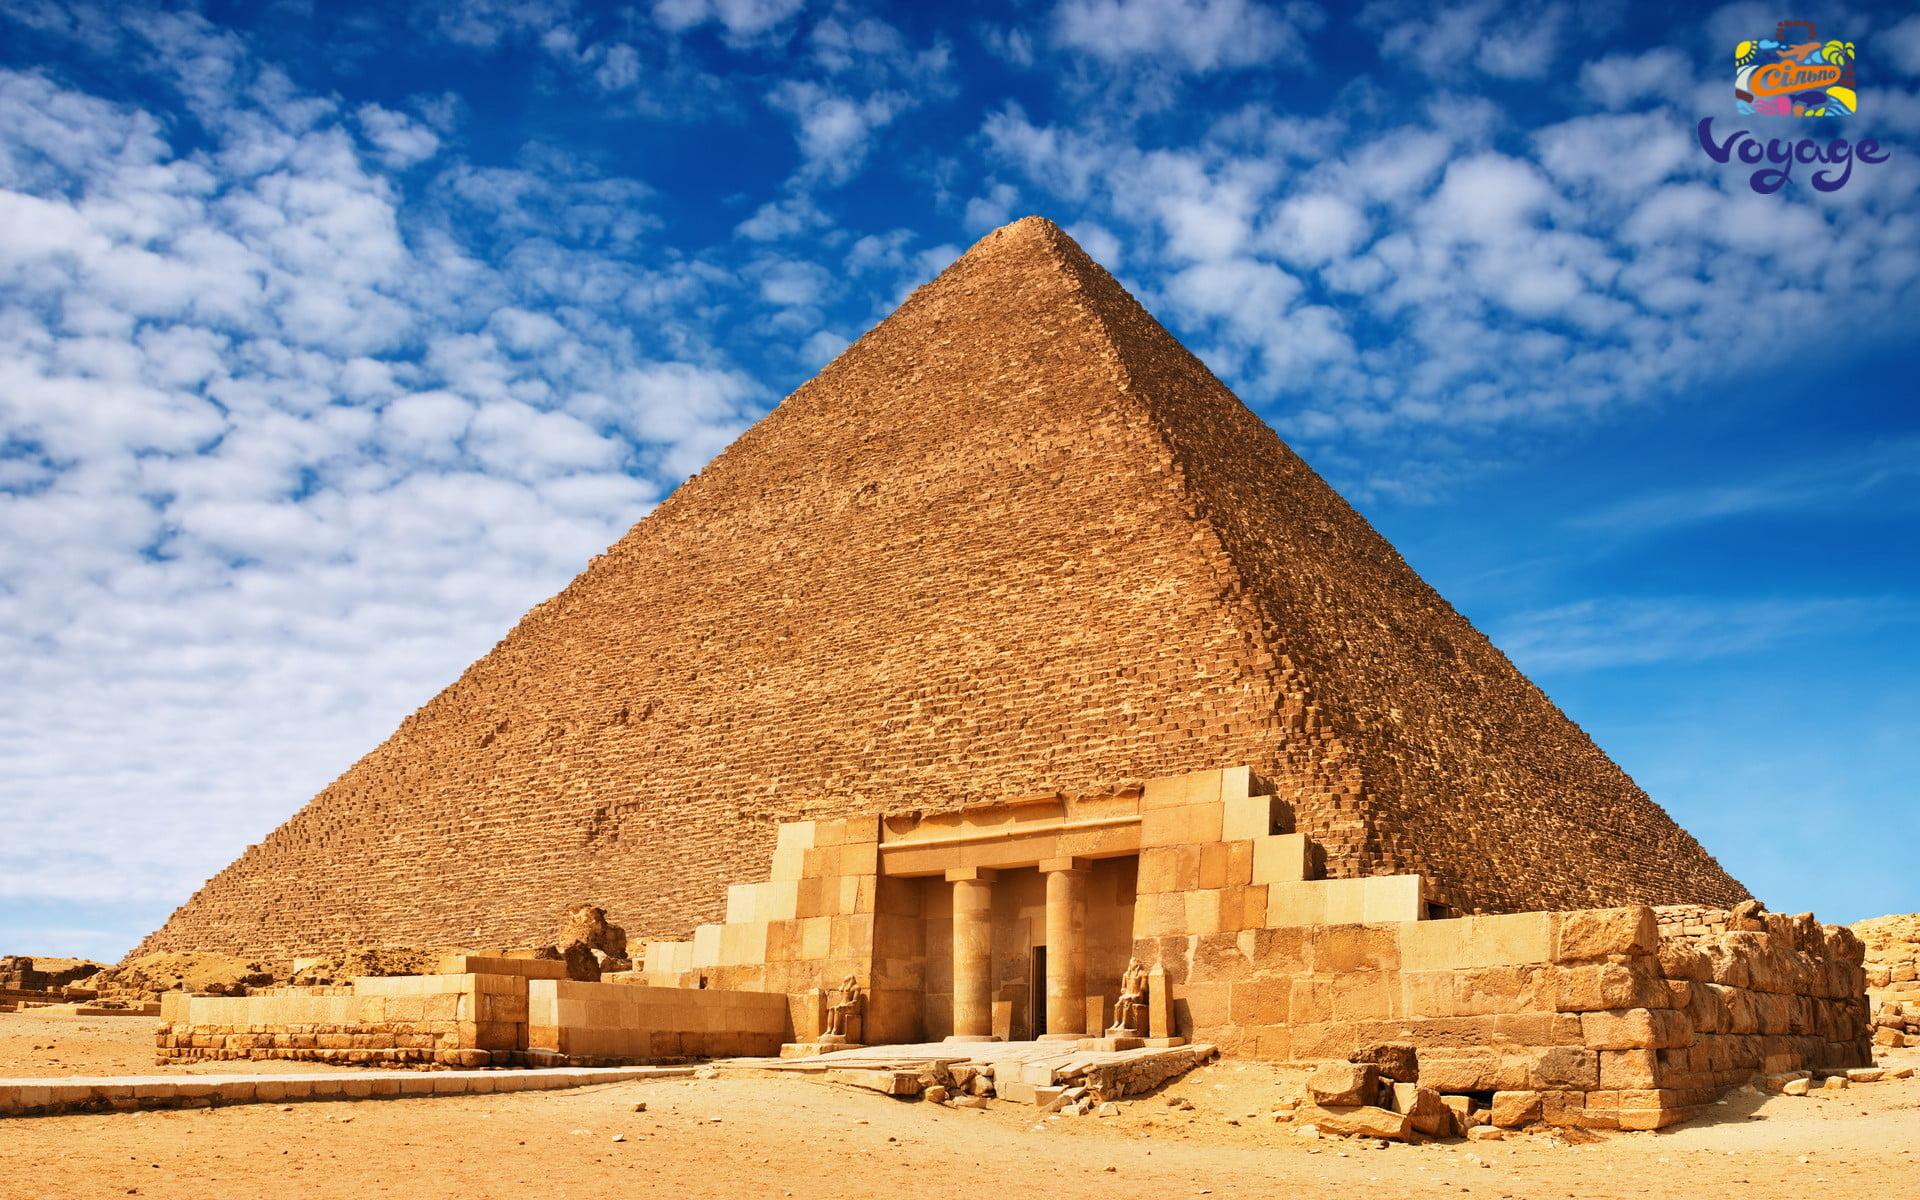 Гид по интернету в Египте: Wi-Fi, мобильный интернет через SIM-карту, заблокированные ресурсы и VPN